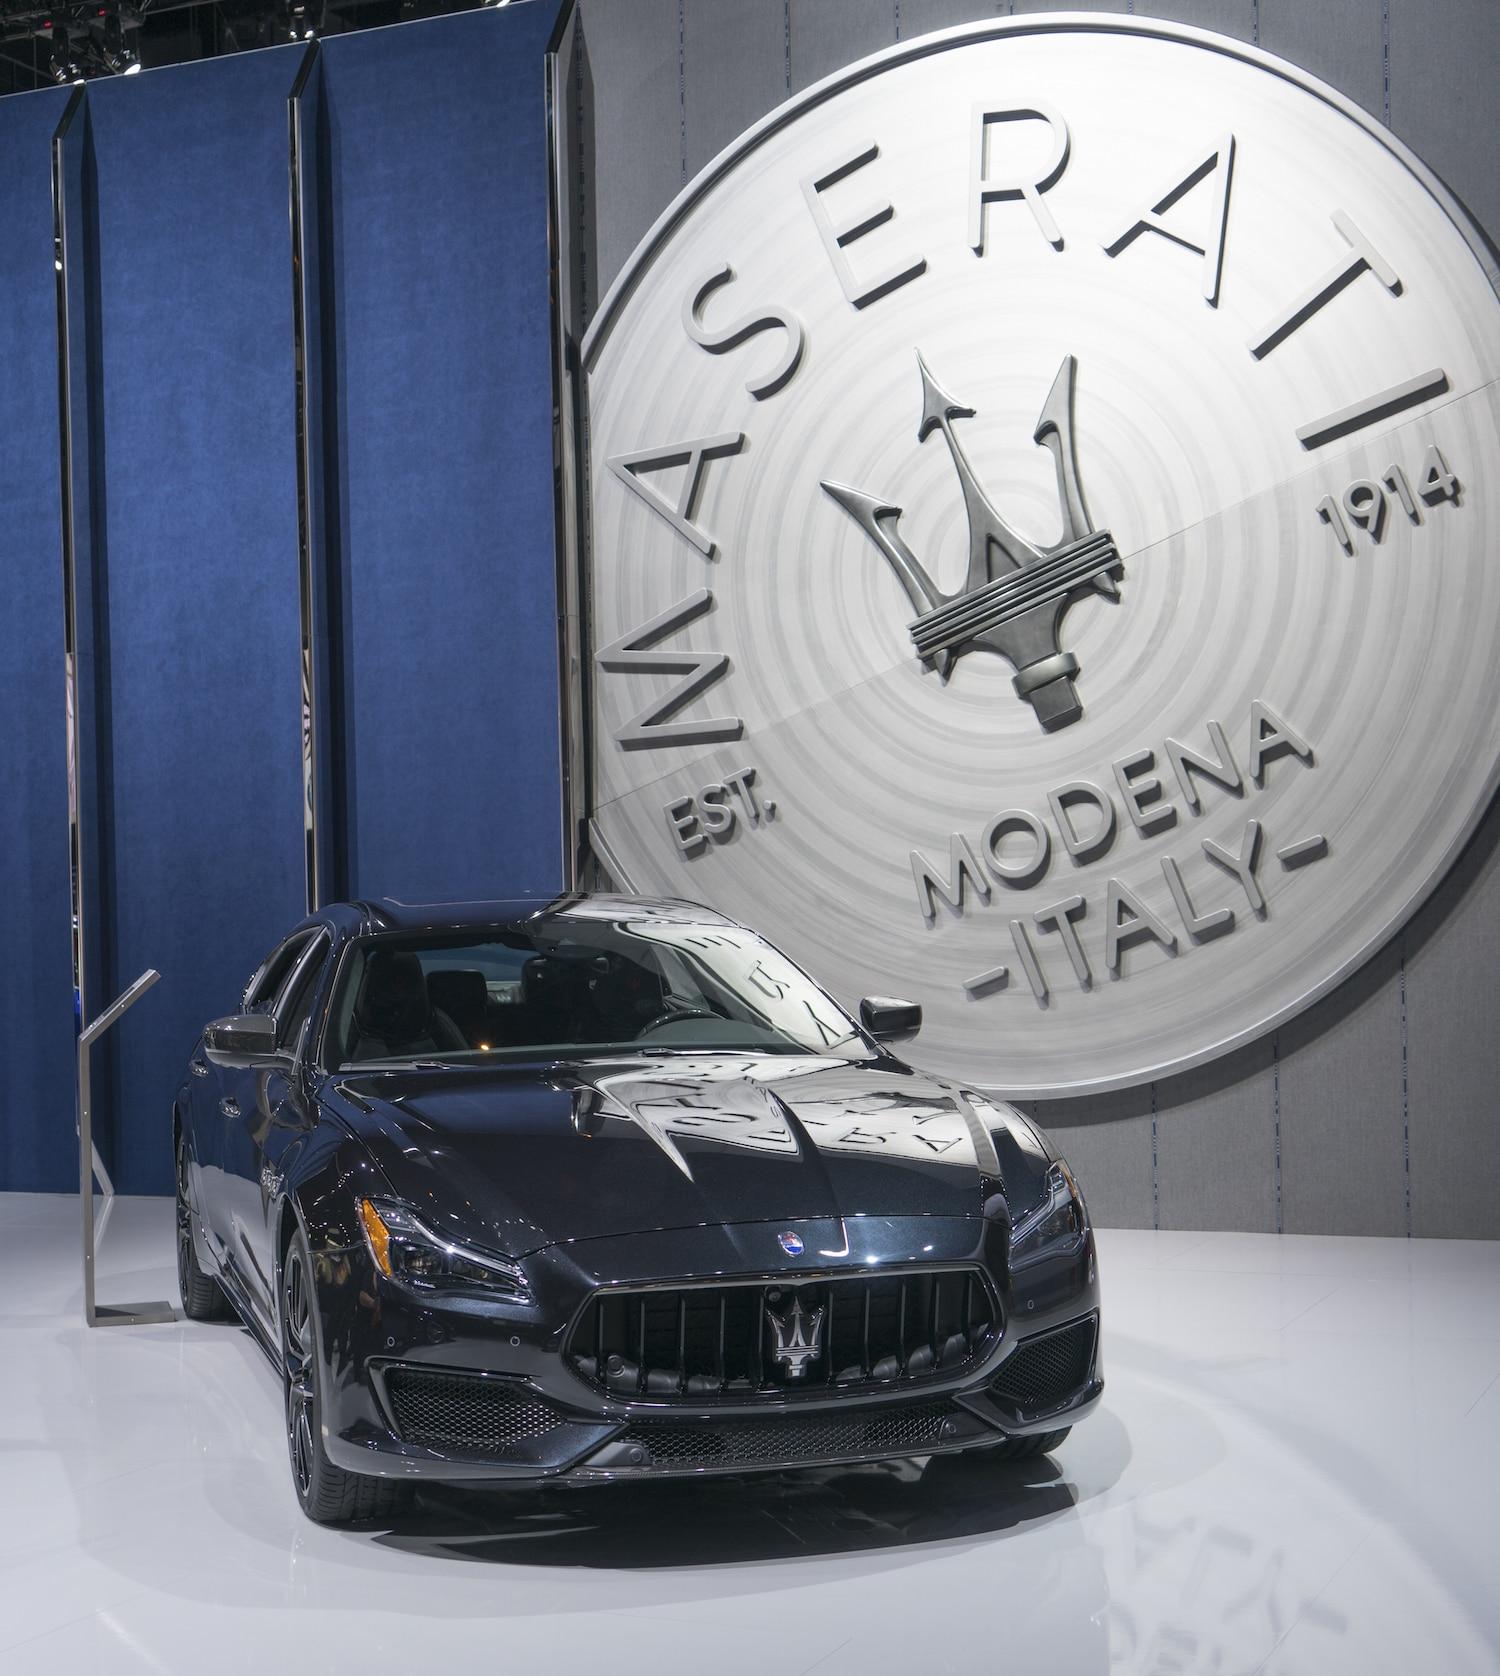 2018 Maserati Levante Interior: 2018 Maserati Levante And Quattroporte Are Back In Black